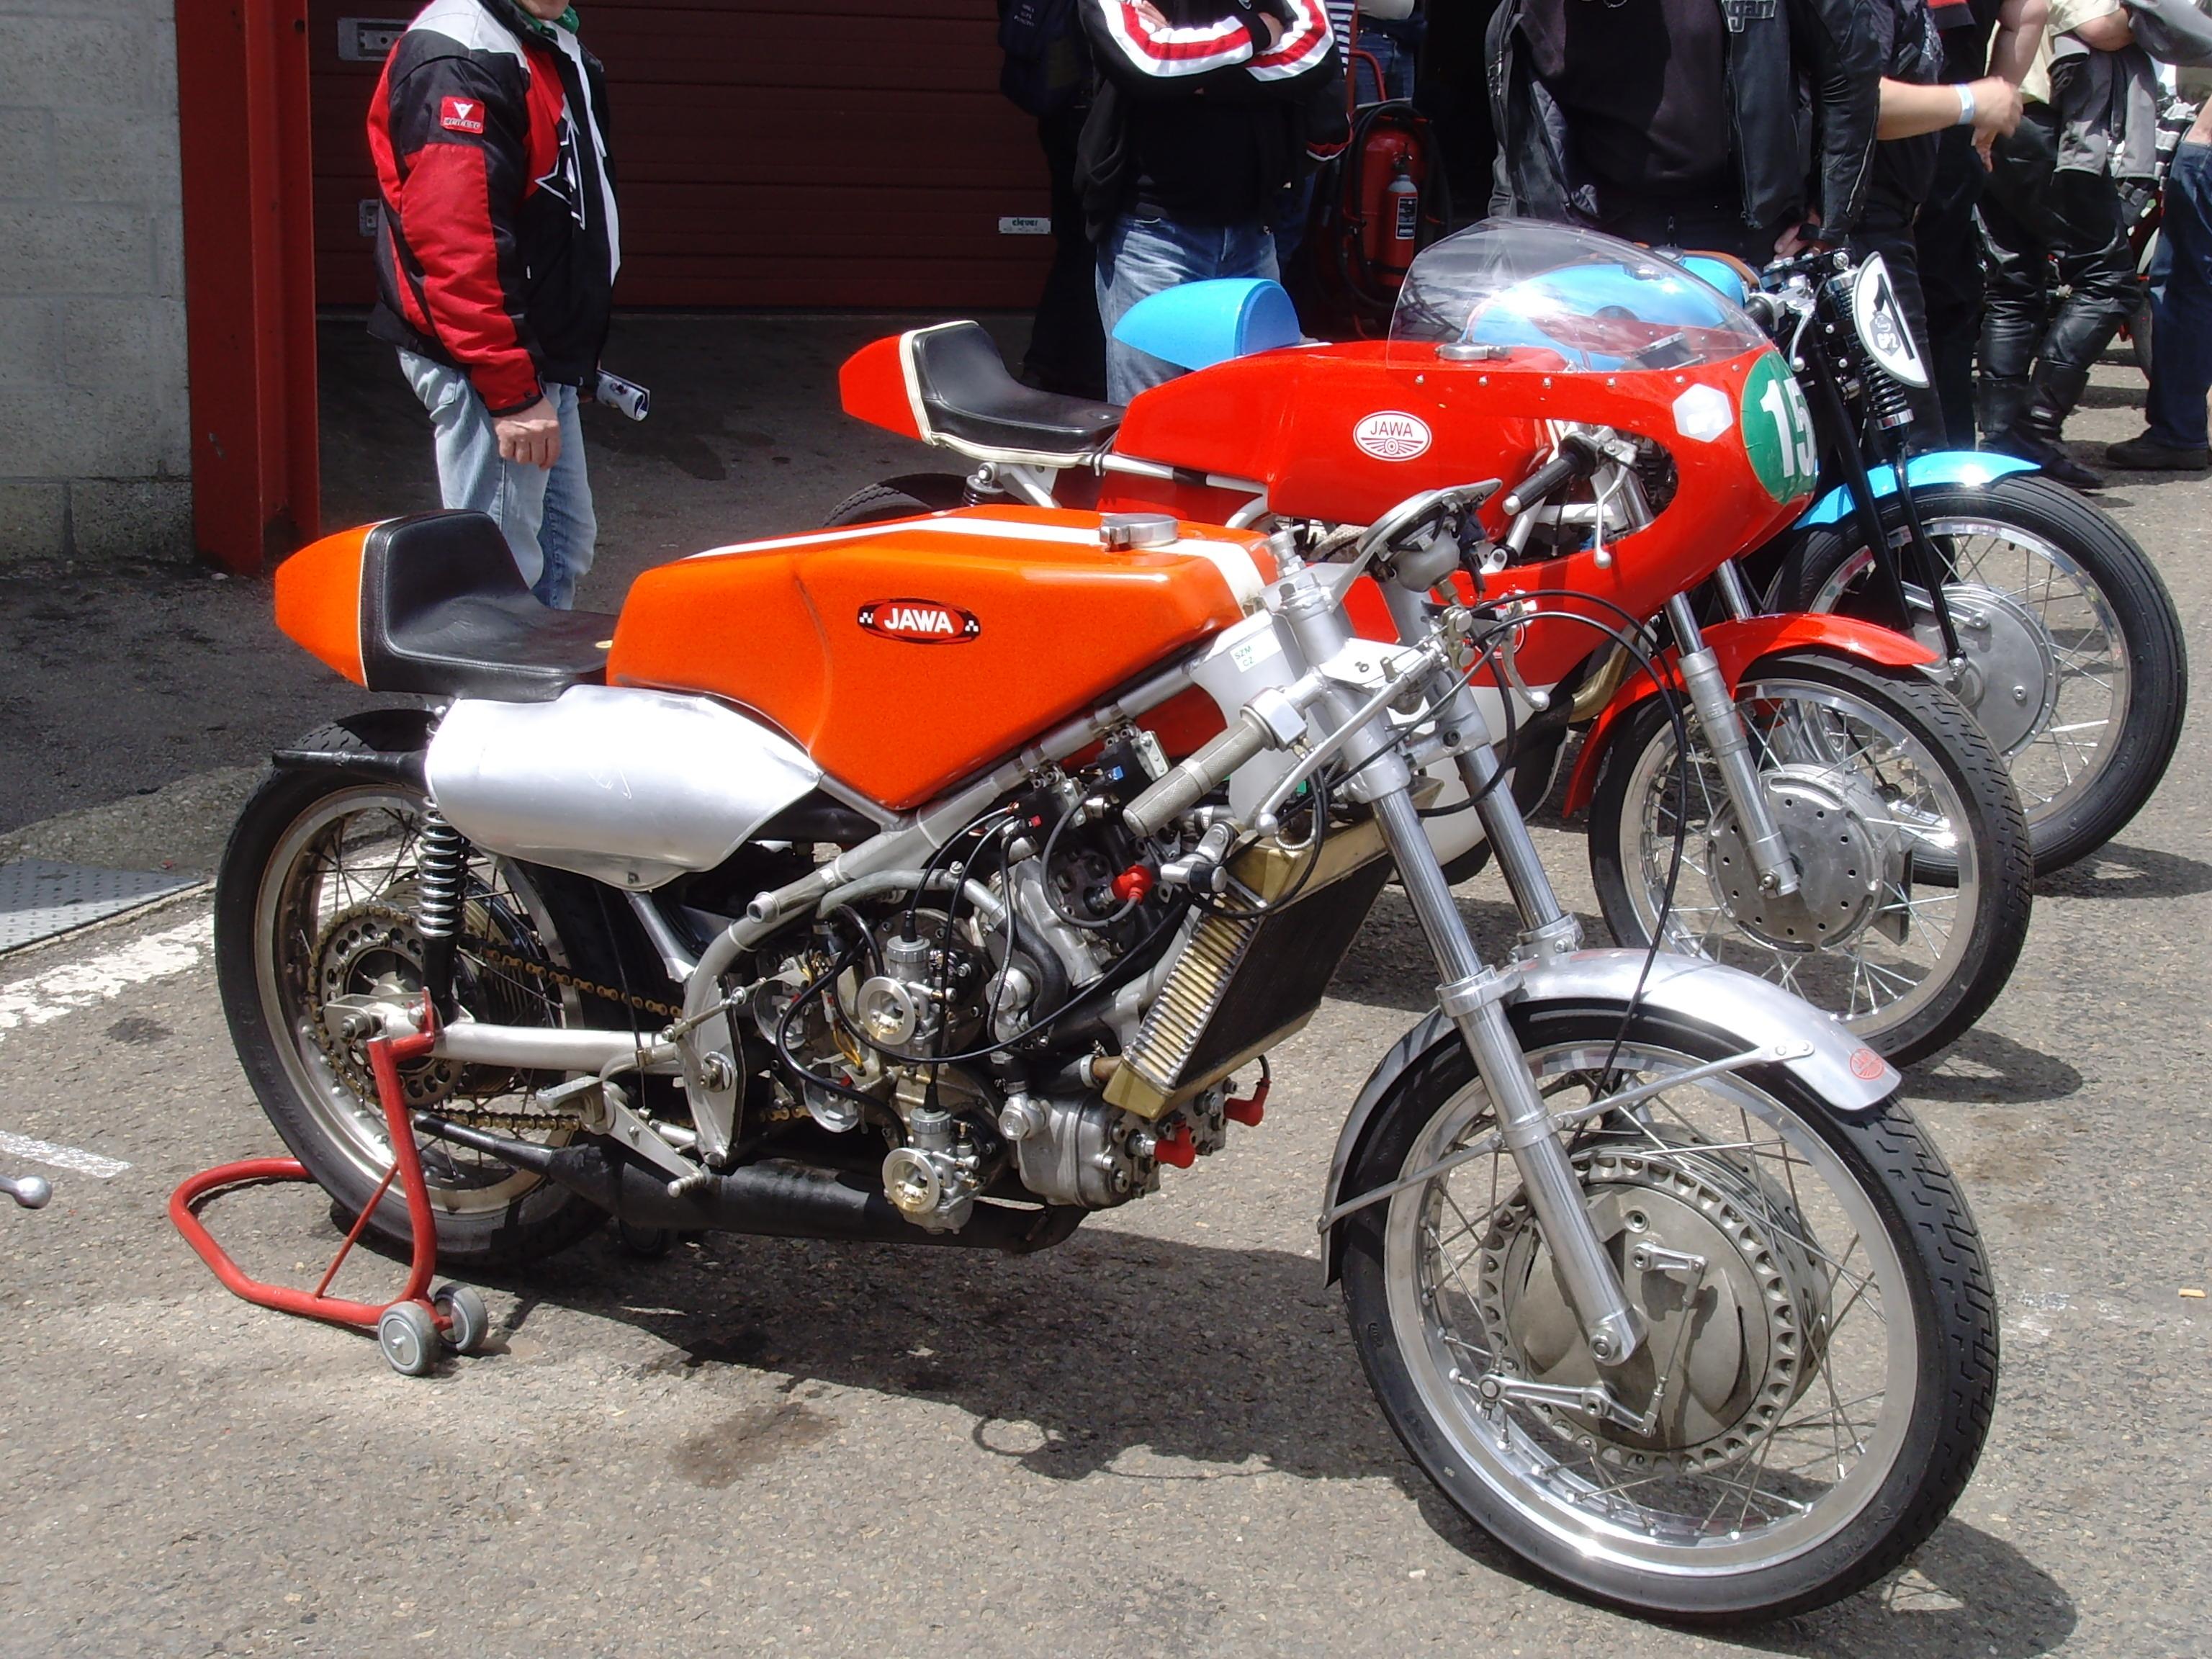 Moto Gp V F1 Car